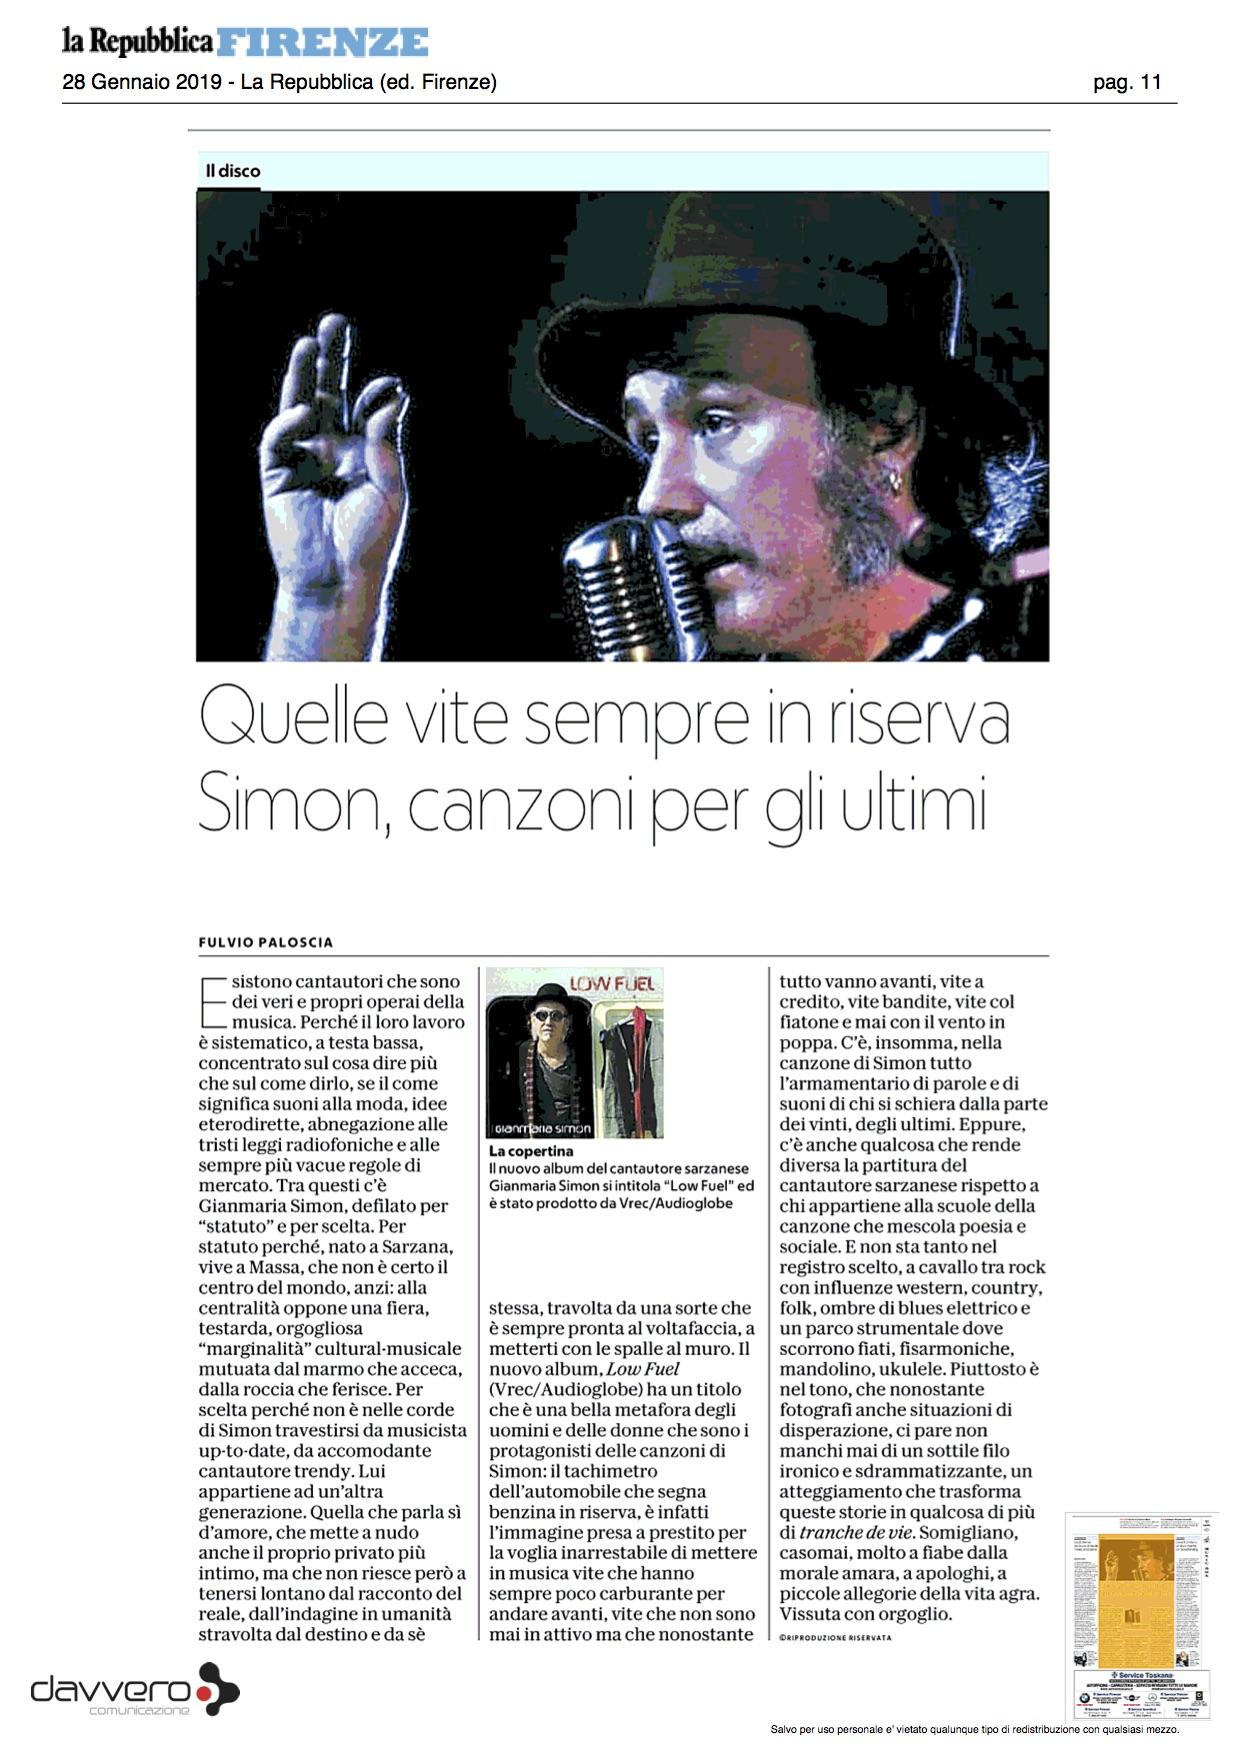 Copia di 2019_01_28_Recensione Low FuelLa_Repubblica_(ed._Firenze)_pag.11